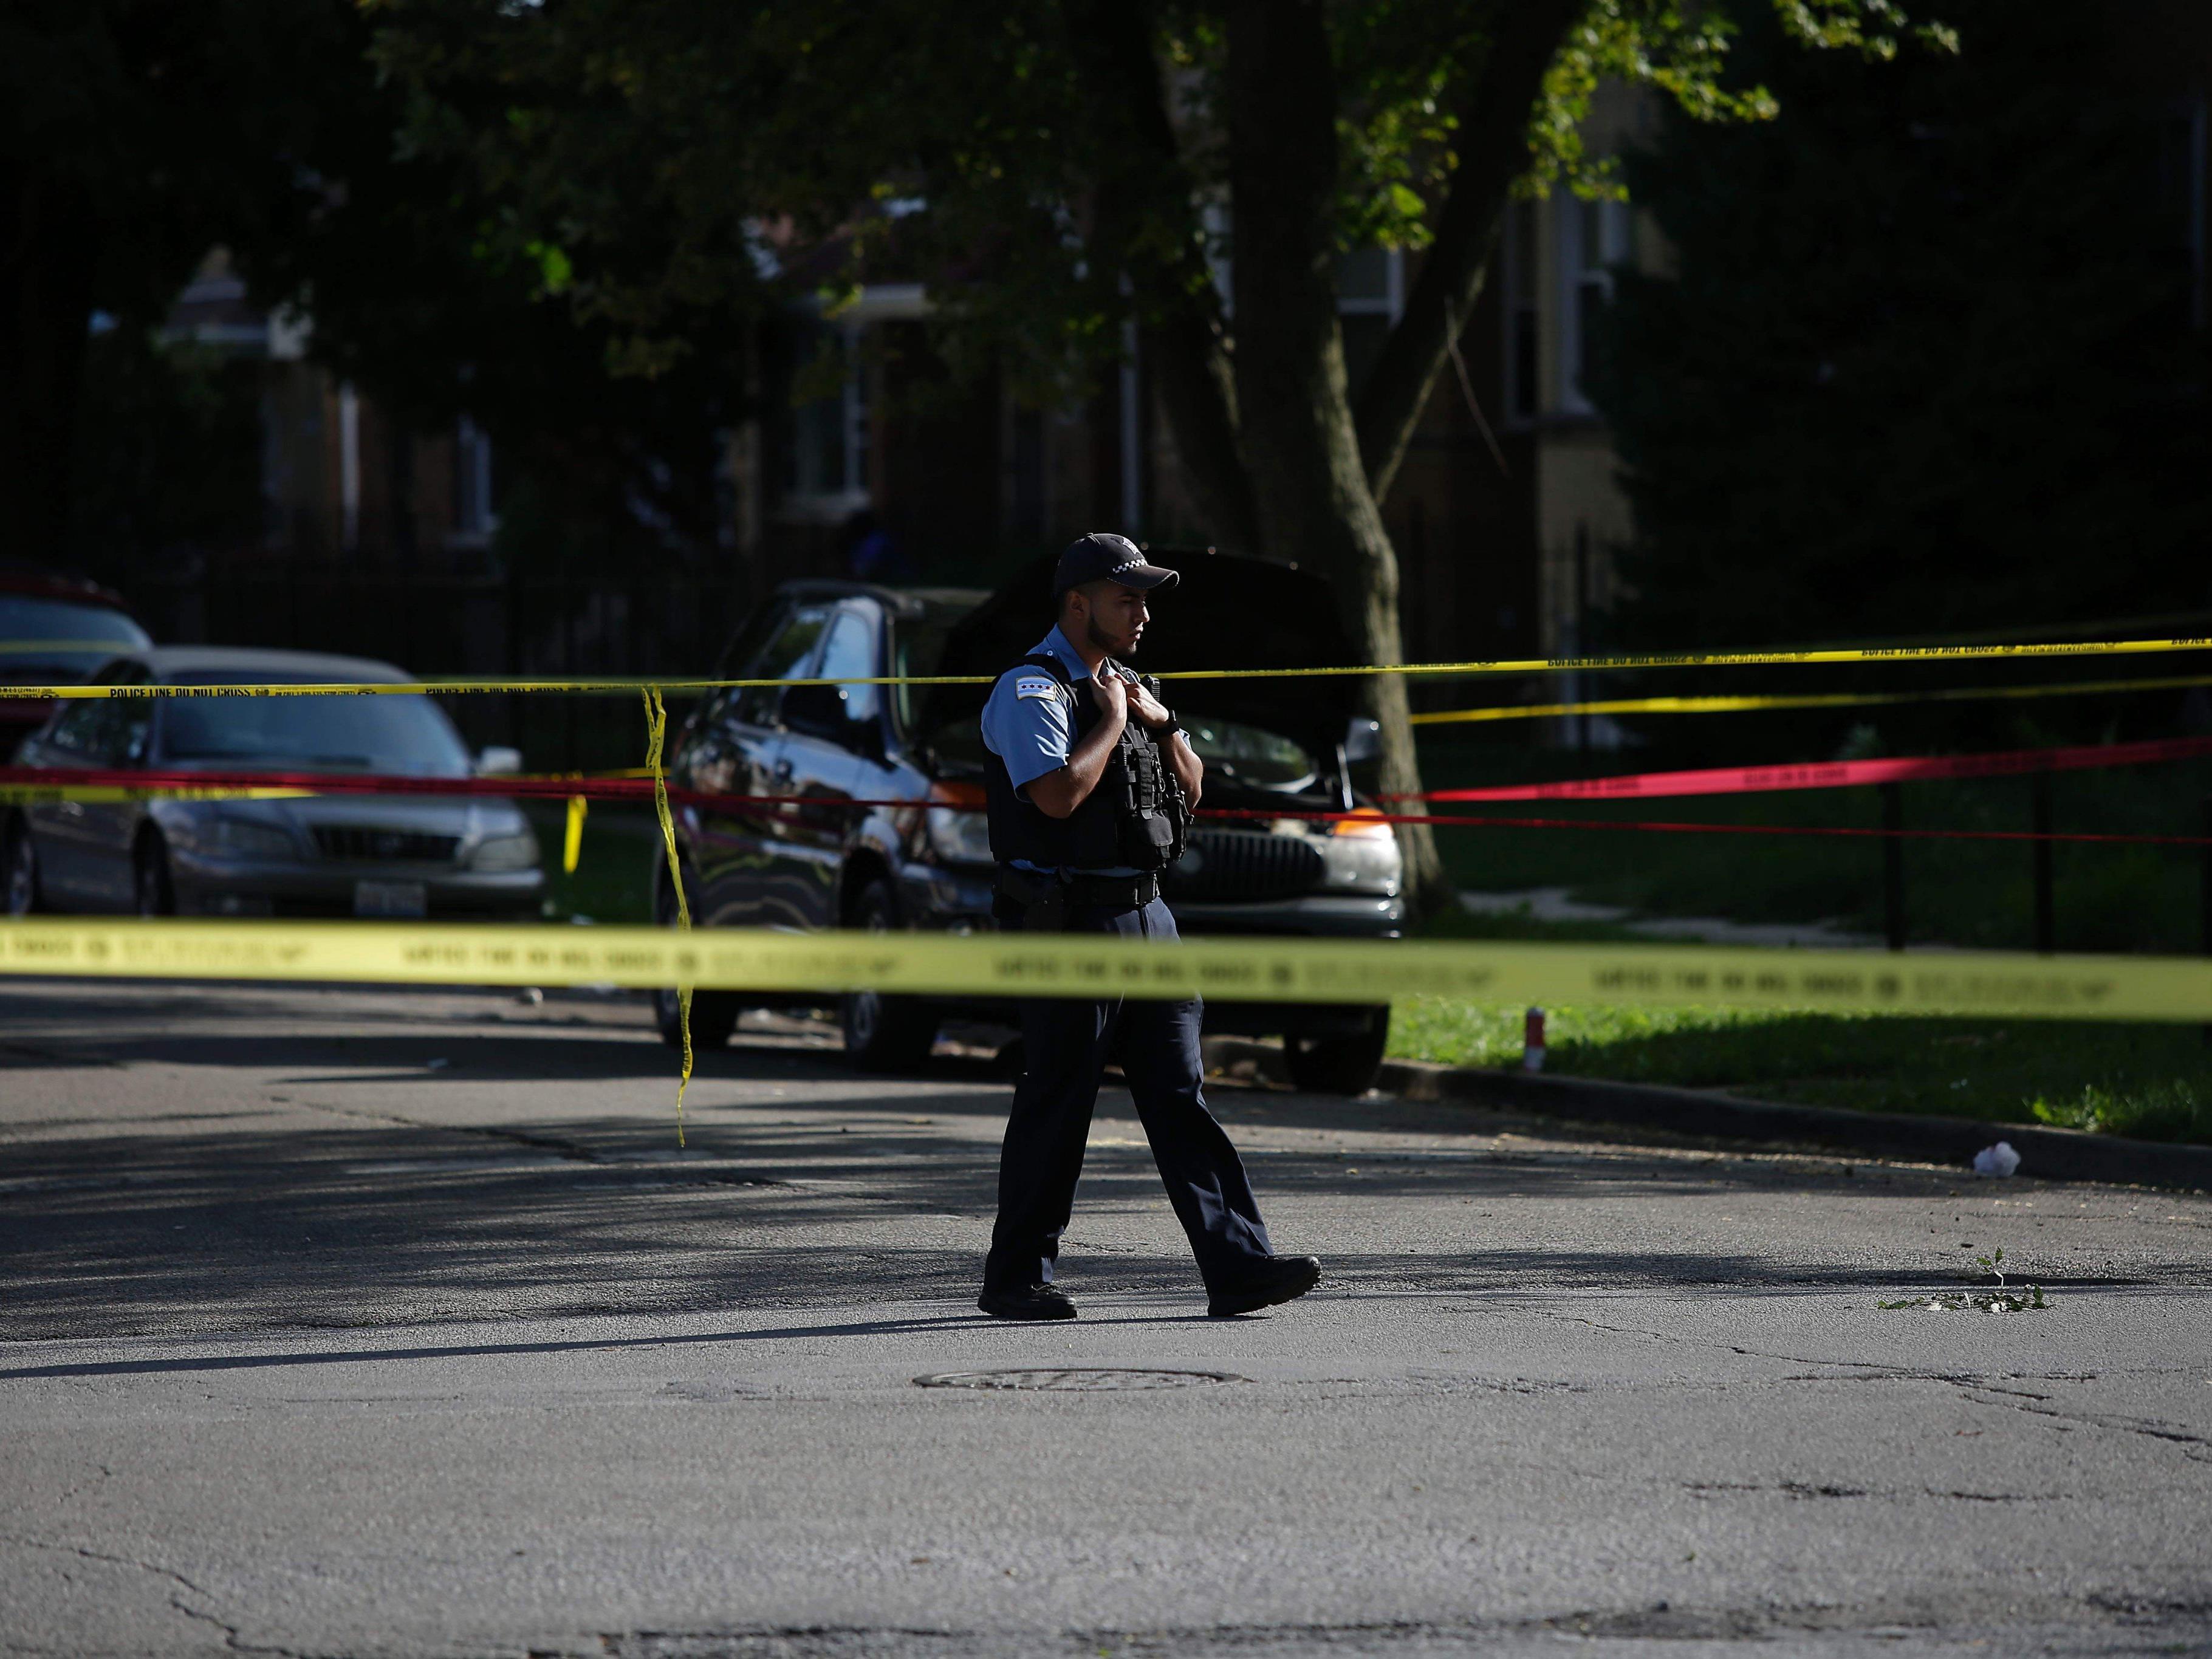 Die meisten Morde in Chicago gehen auf Waffengewalt zurück.